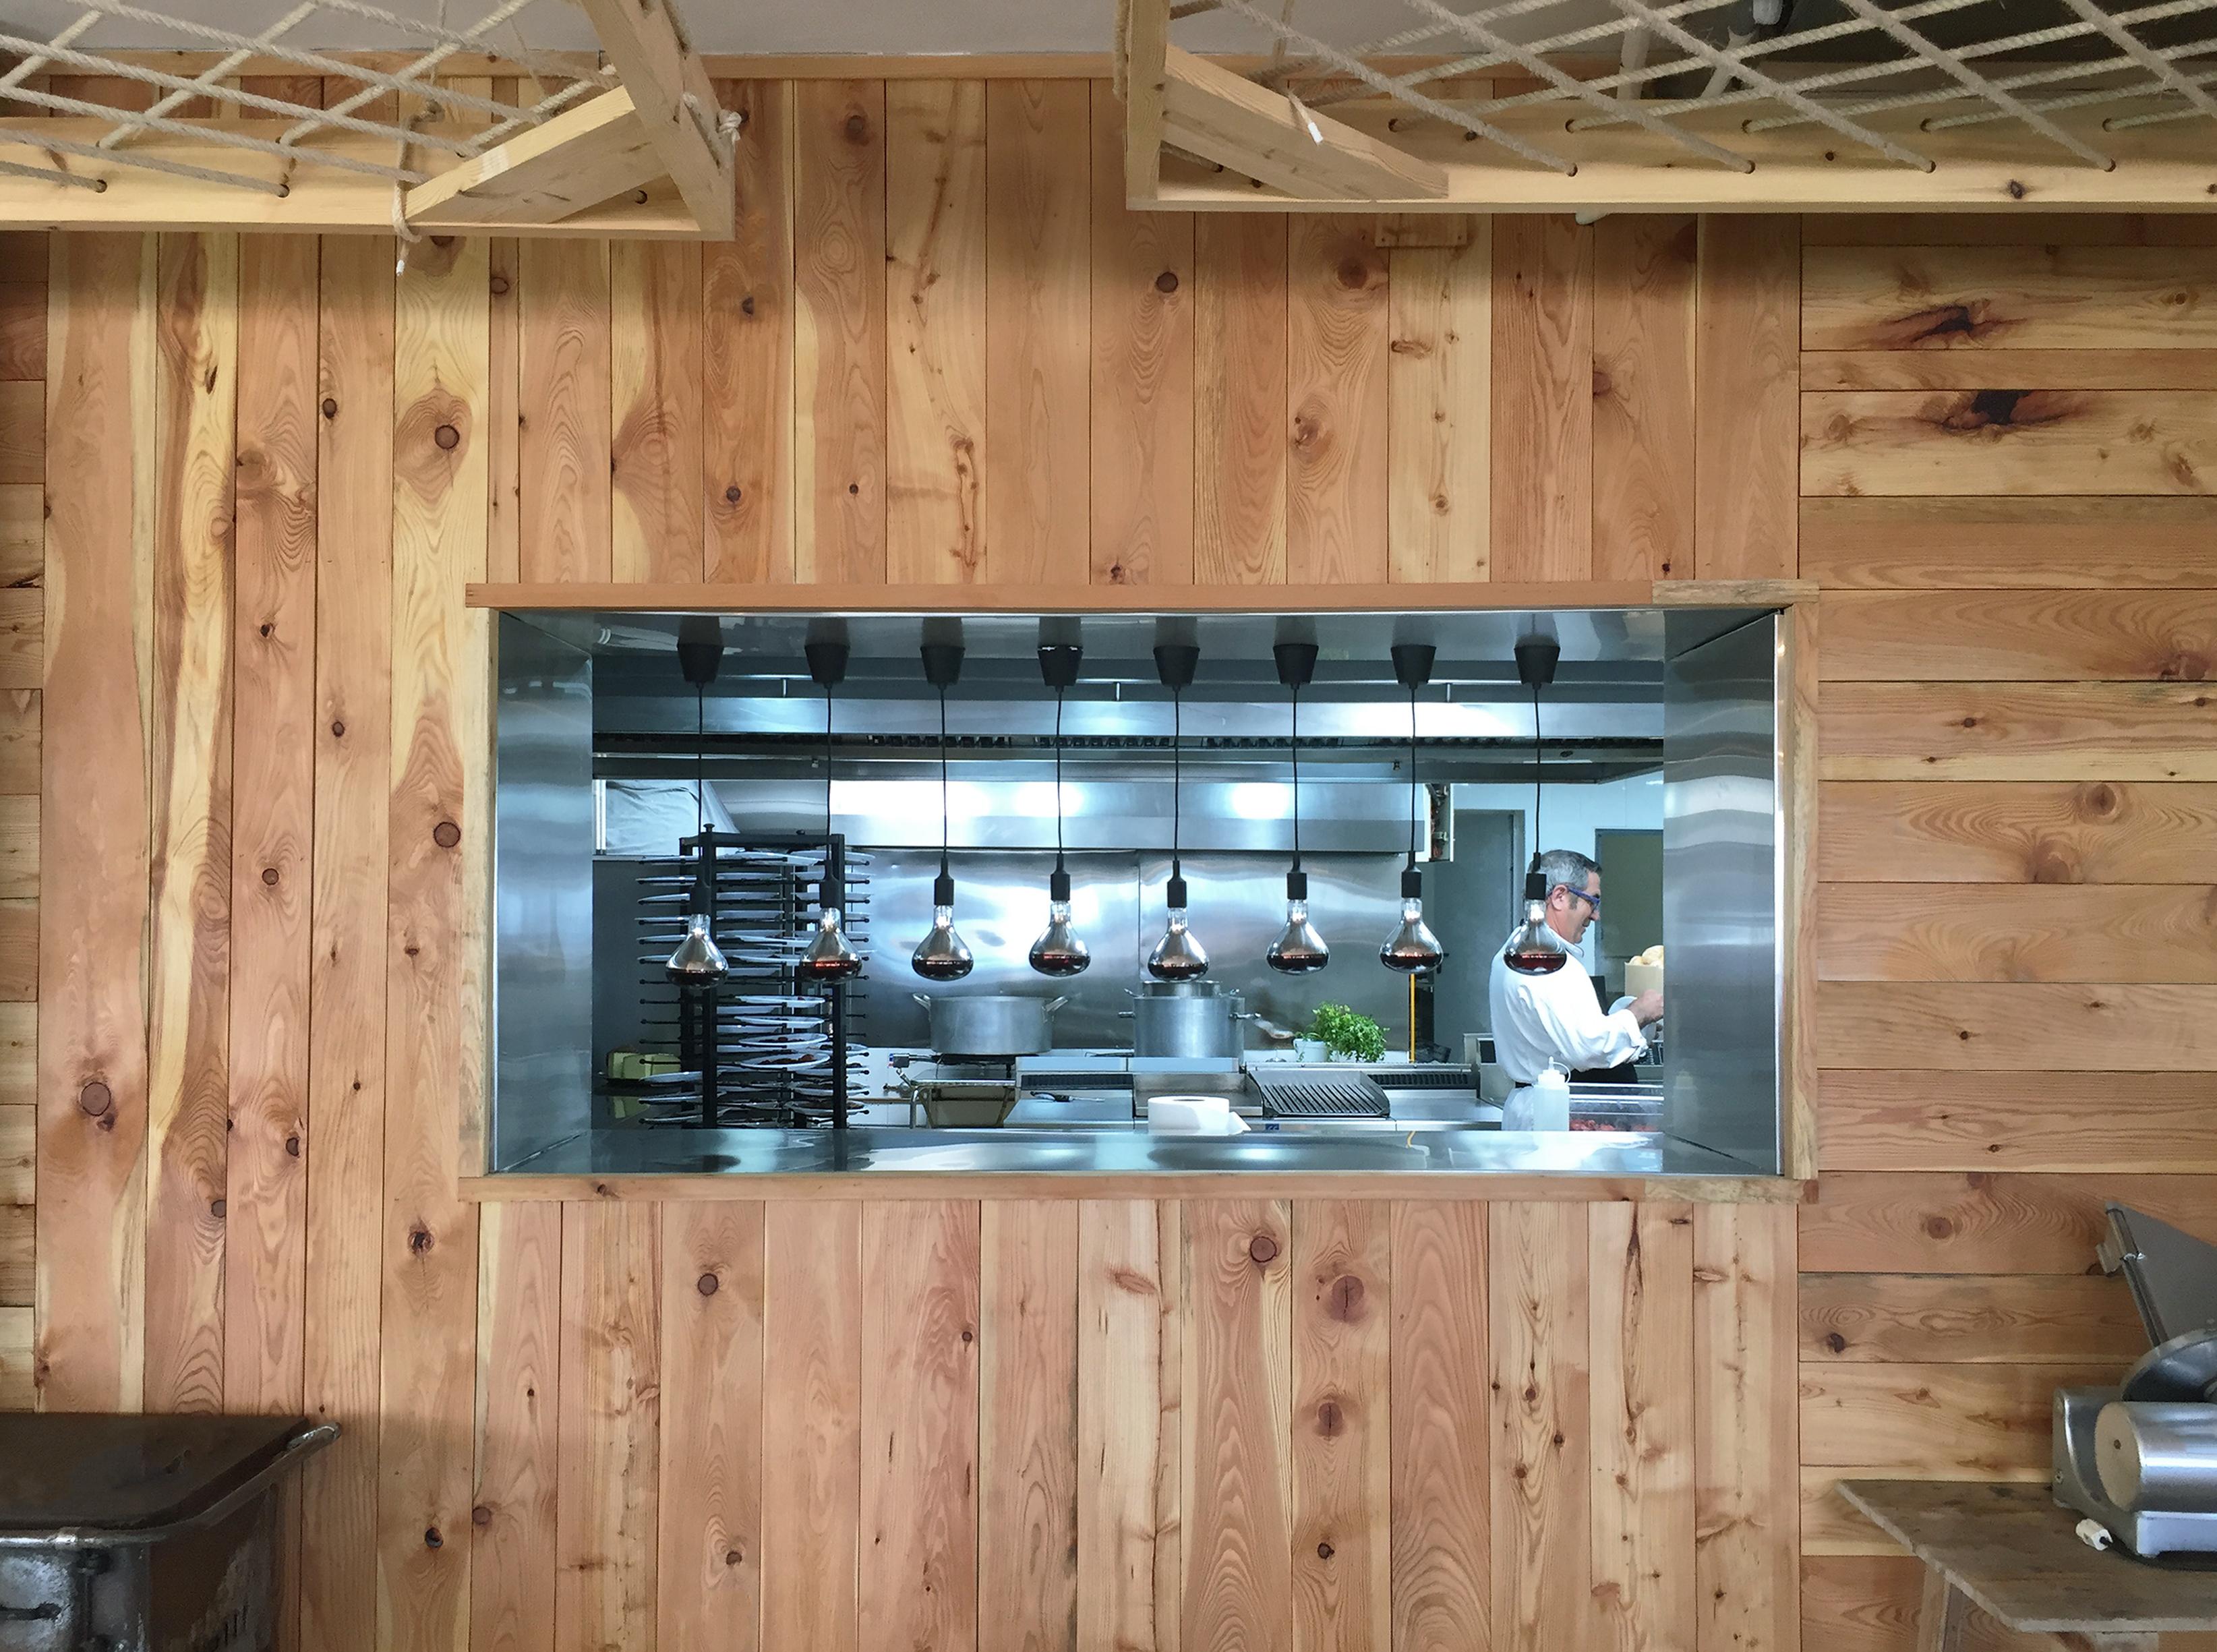 Martin lejarraga arquitecto cocinas en venta el sabinar for Martin lejarraga